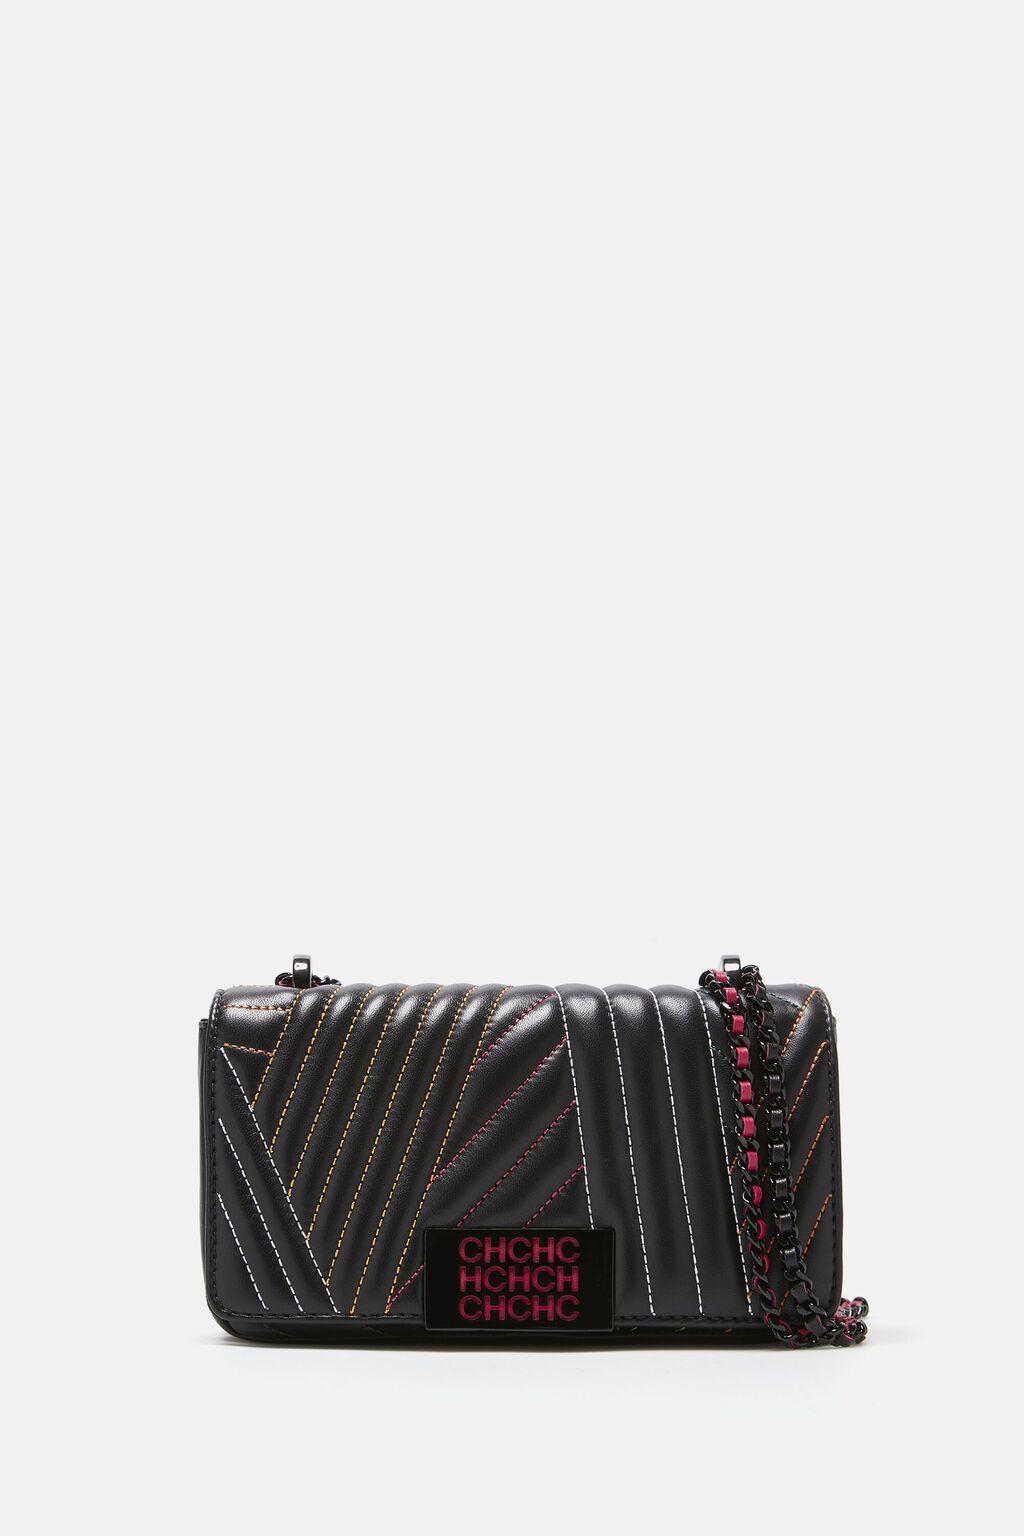 Bimba 7.0 | Small cross body bag